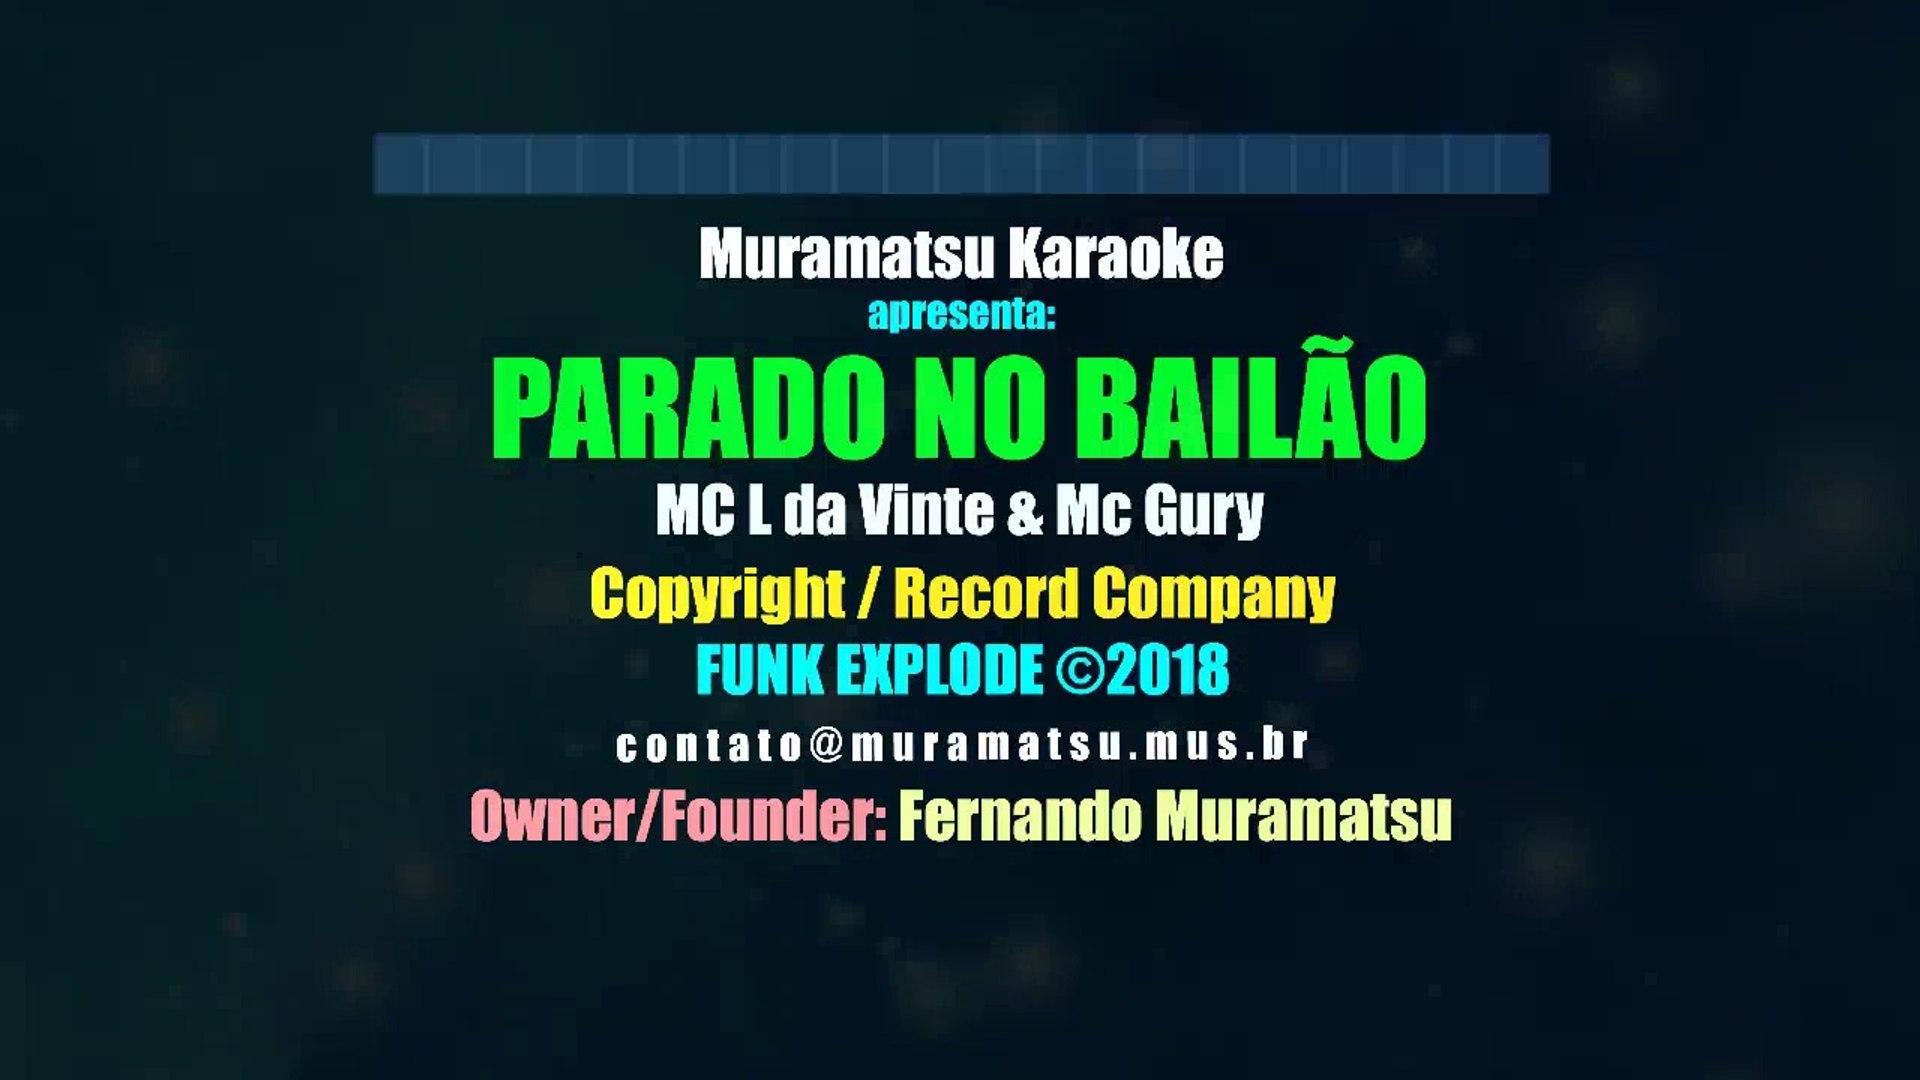 Mc L da Vinte & Mc Gury - Parado no Bailão - Muramatsu Karaoke